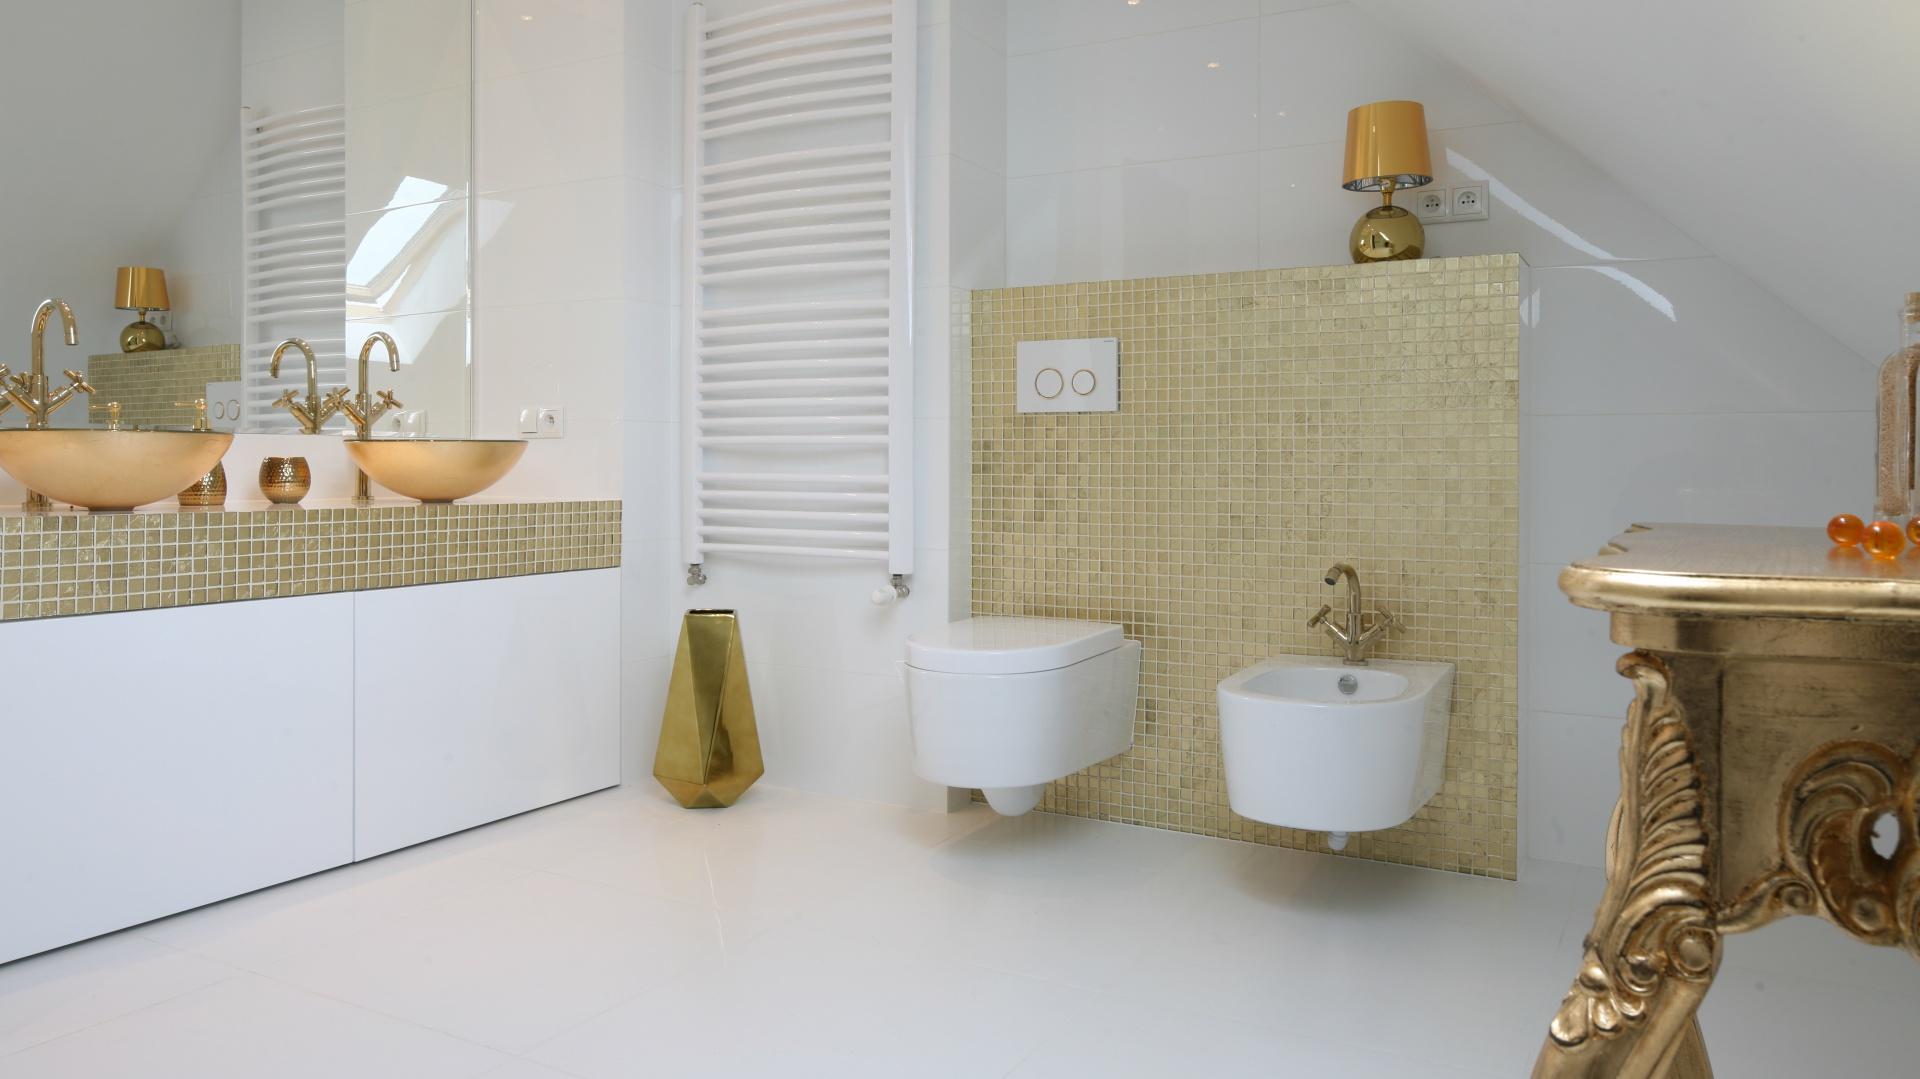 Tylko biel i złoto to propozycja aranżacji łazienki w stylu minimalistycznym, z wyraźny ukłonem w stronę pałacowego przepychu, jednak z umiarem i nowoczesnym sznytem. Projekt: Piotr Stanisz. Fot. Bartosz Jarosz.